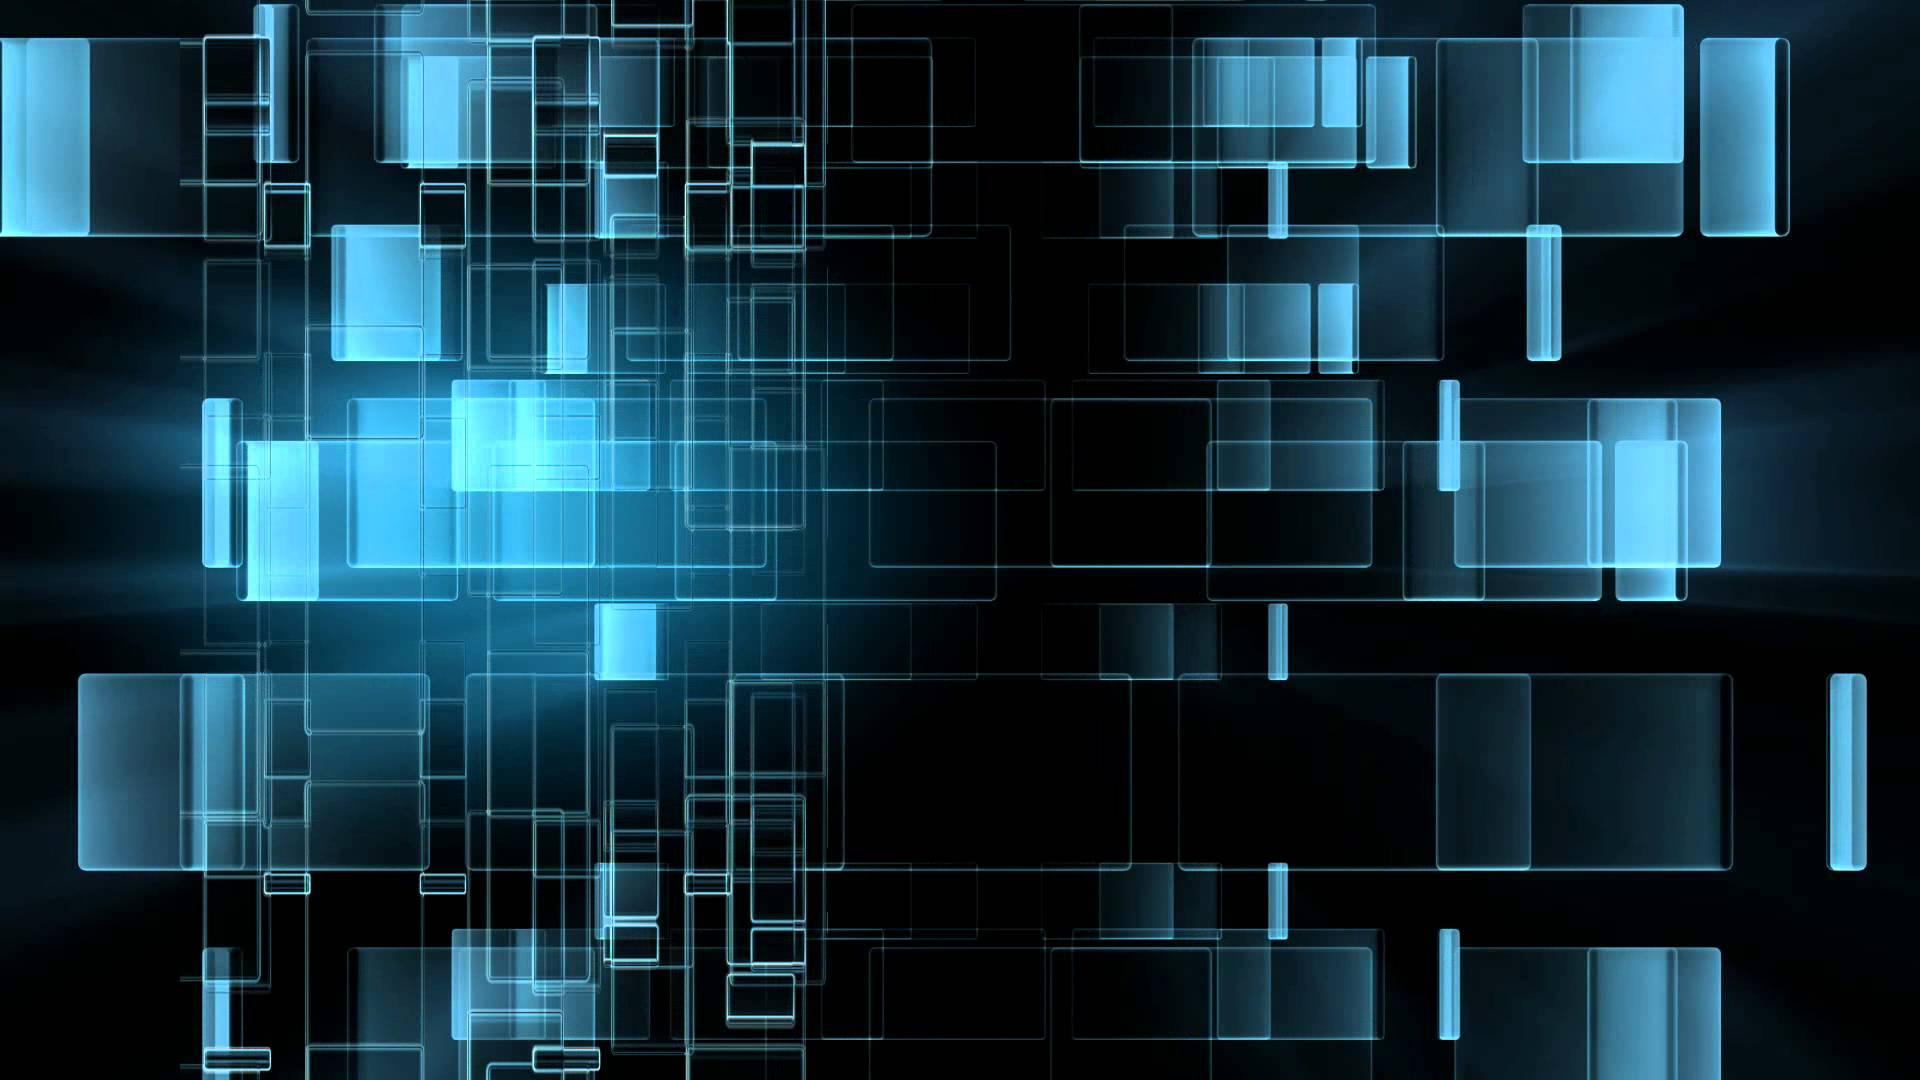 Background Free images on Pixabay 1920x1080